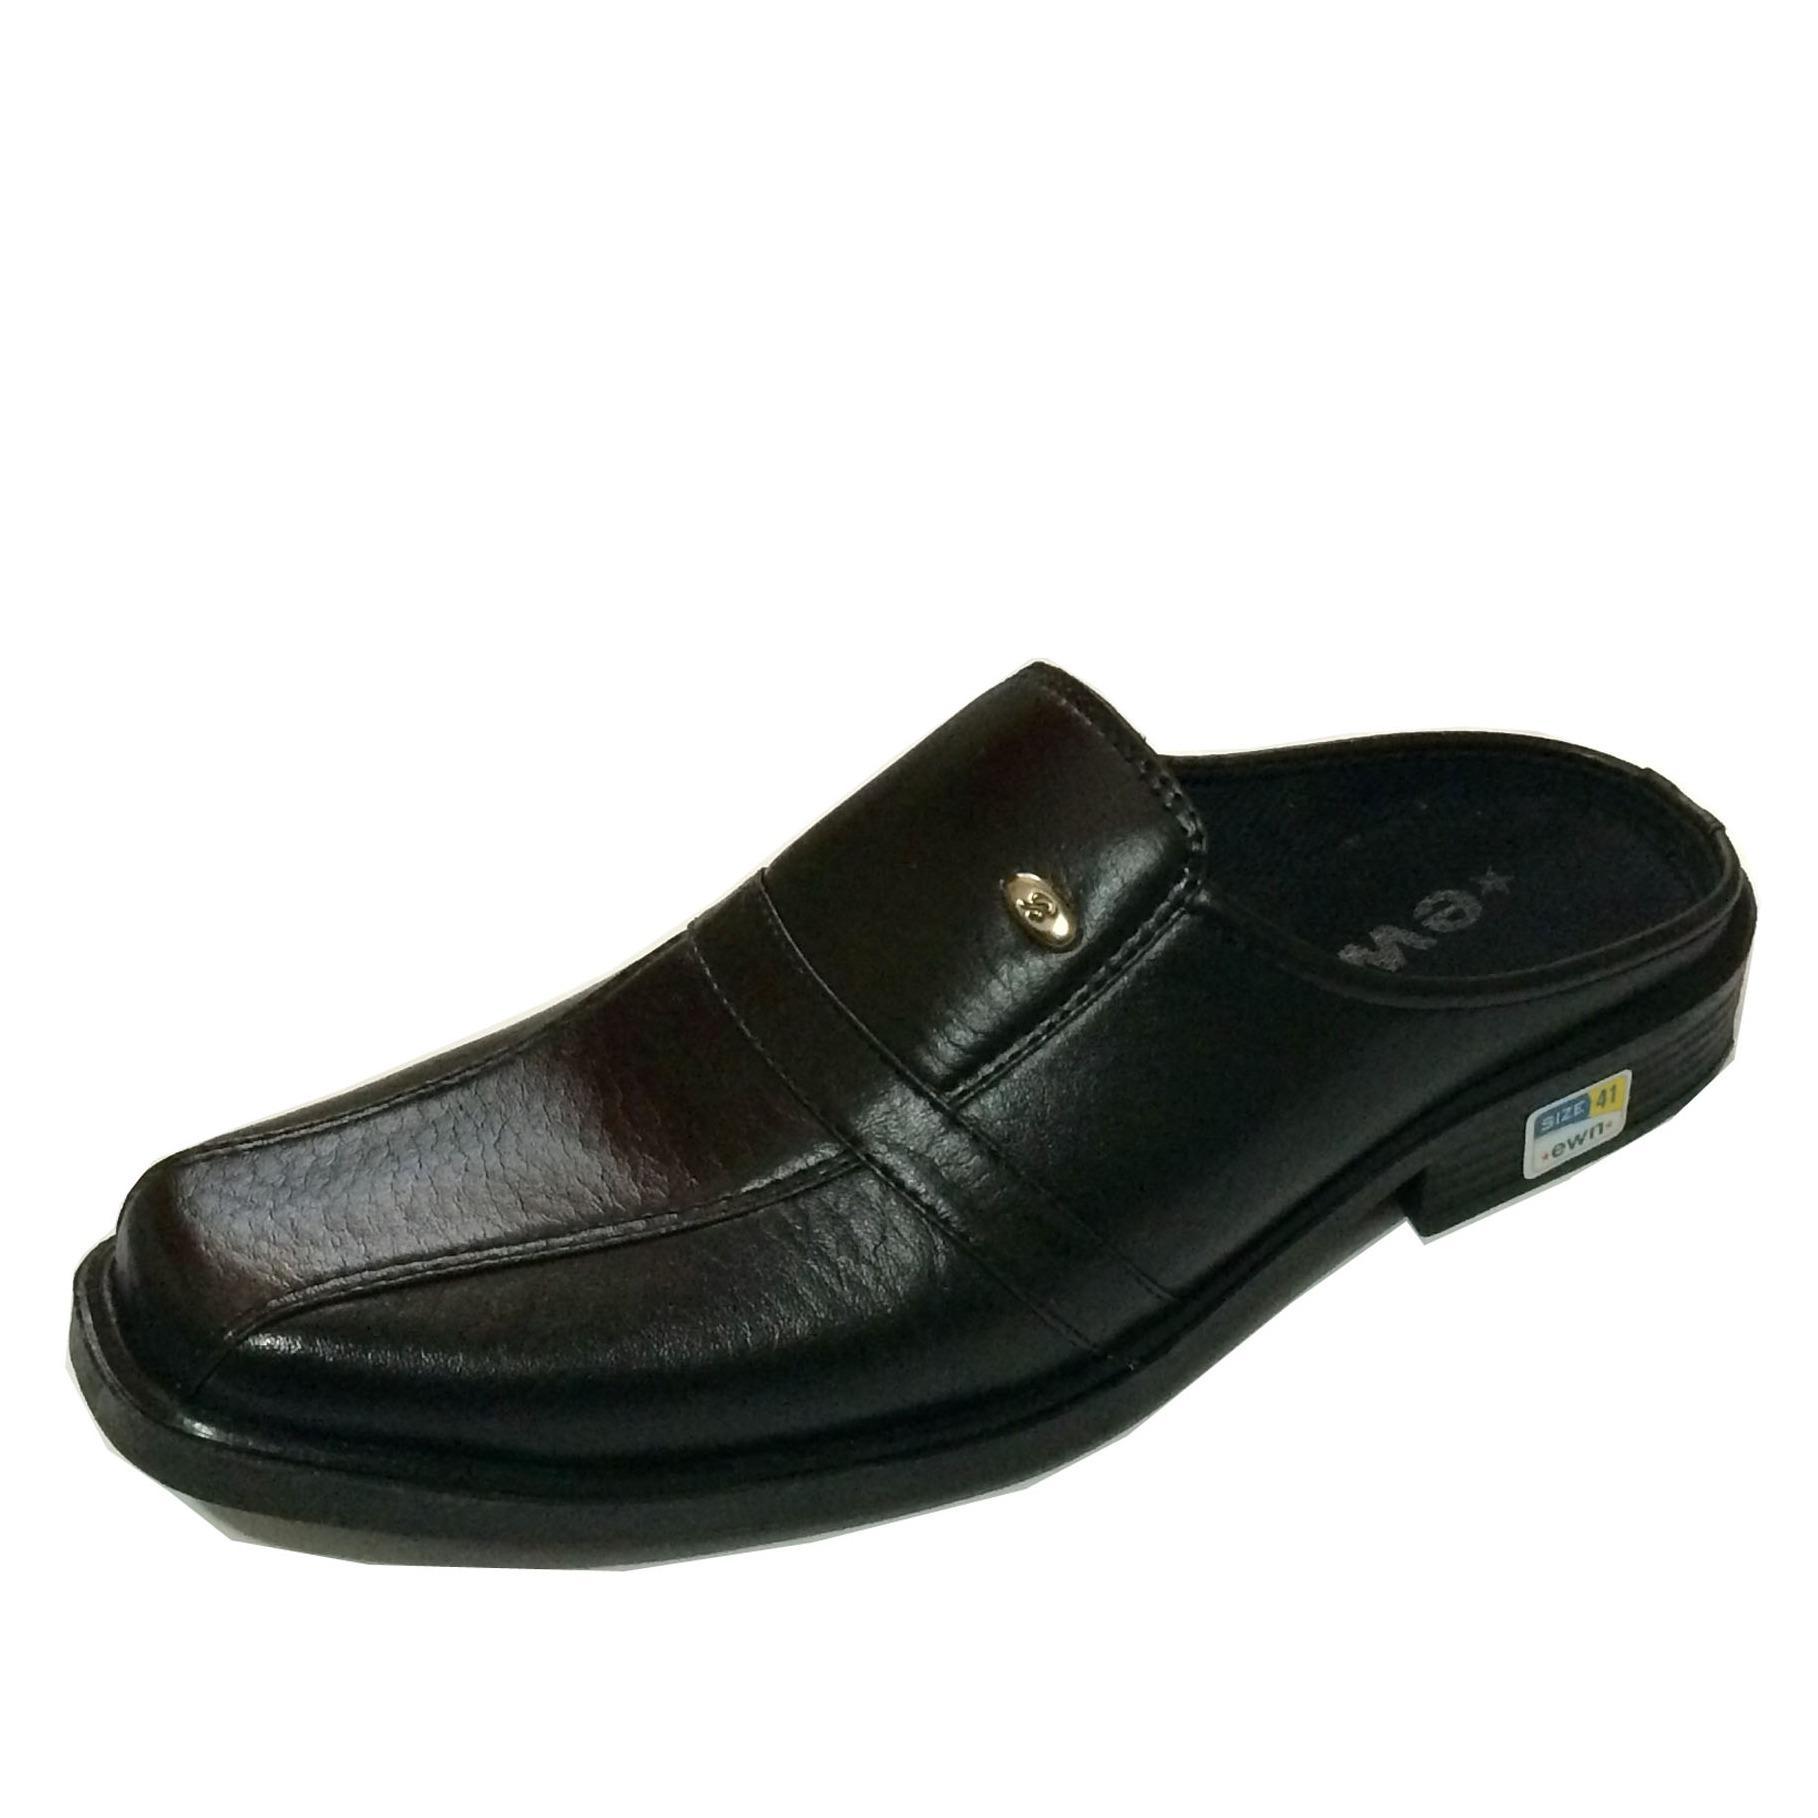 EWN Sepatu Sandal Casual Pria / Sandal Selop Pria